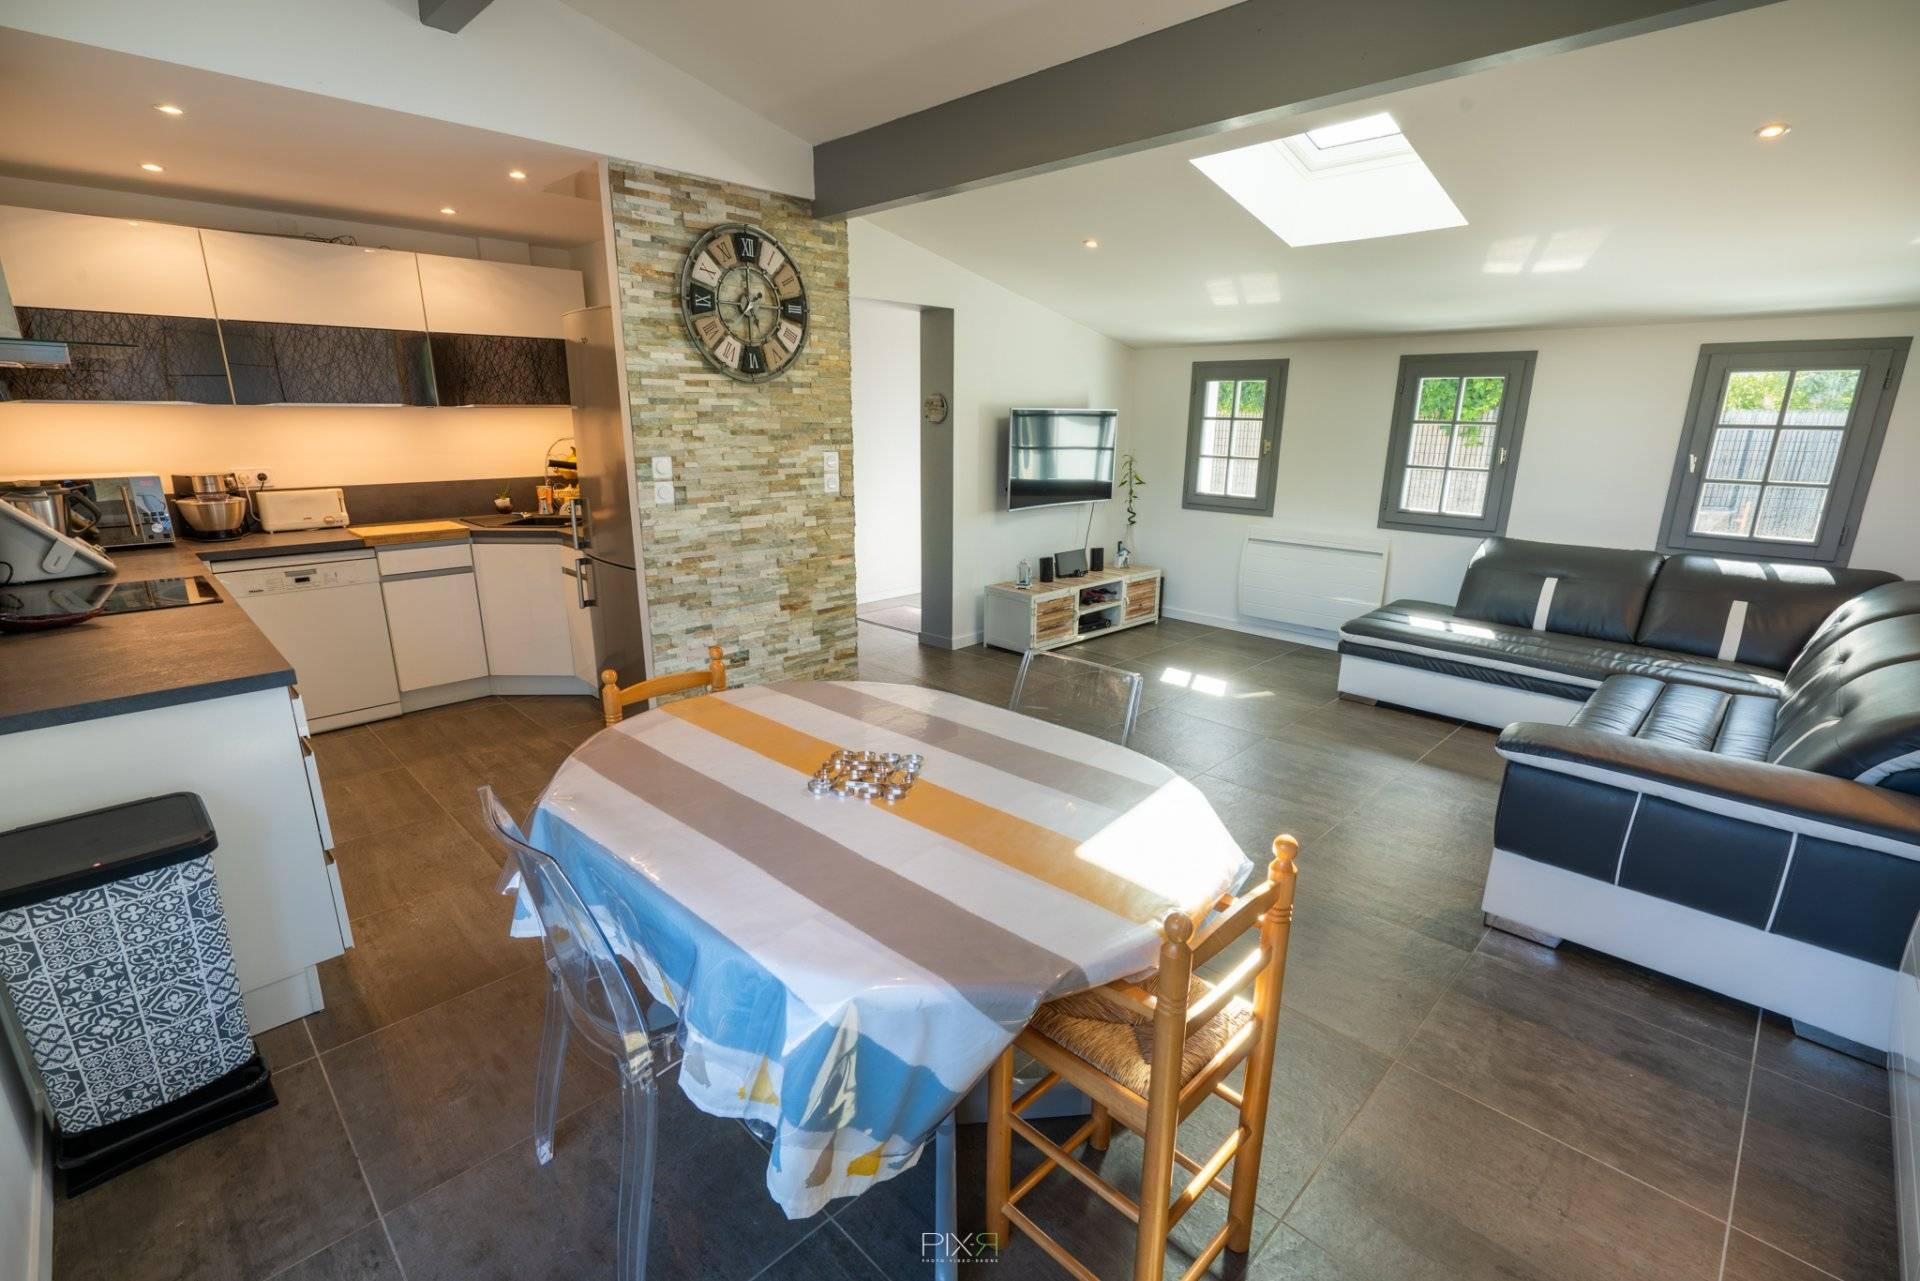 Maison 3 chambres avec jardin à vendre près du port GUJAN MESTRAS - Coldwell Banker